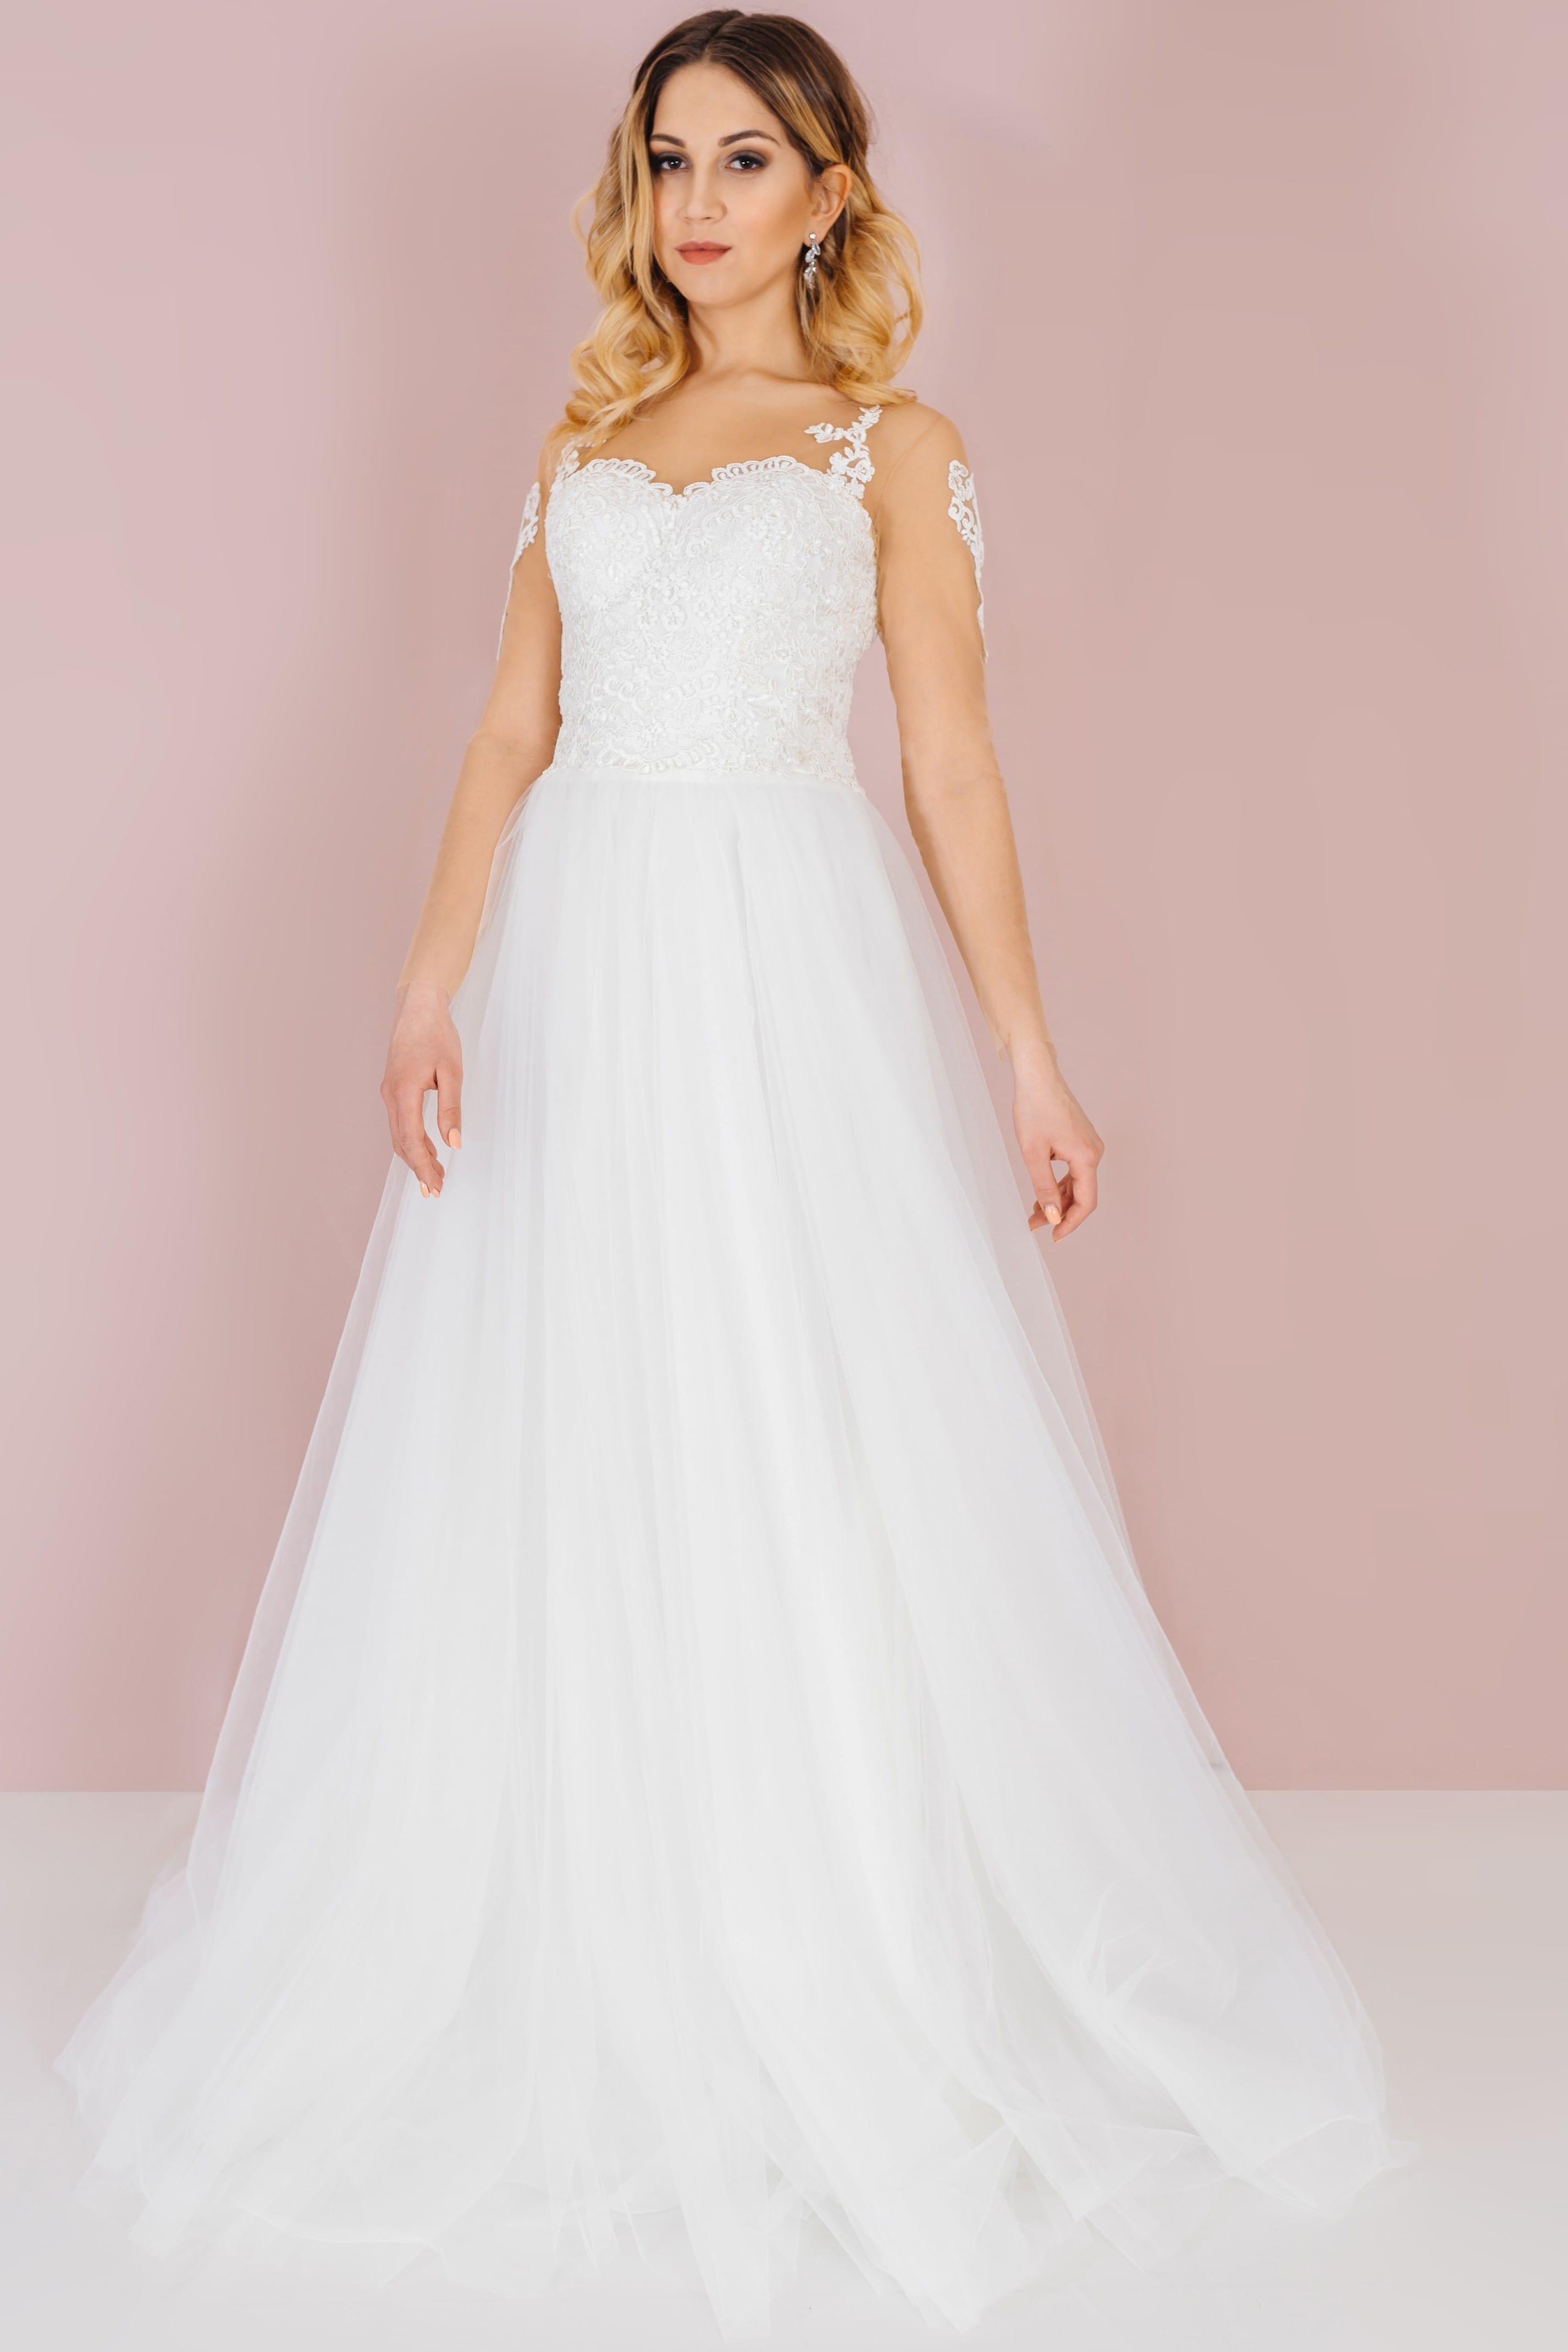 Свадебное платье LUICY, коллекция LOFT, бренд RARE BRIDAL, фото 1